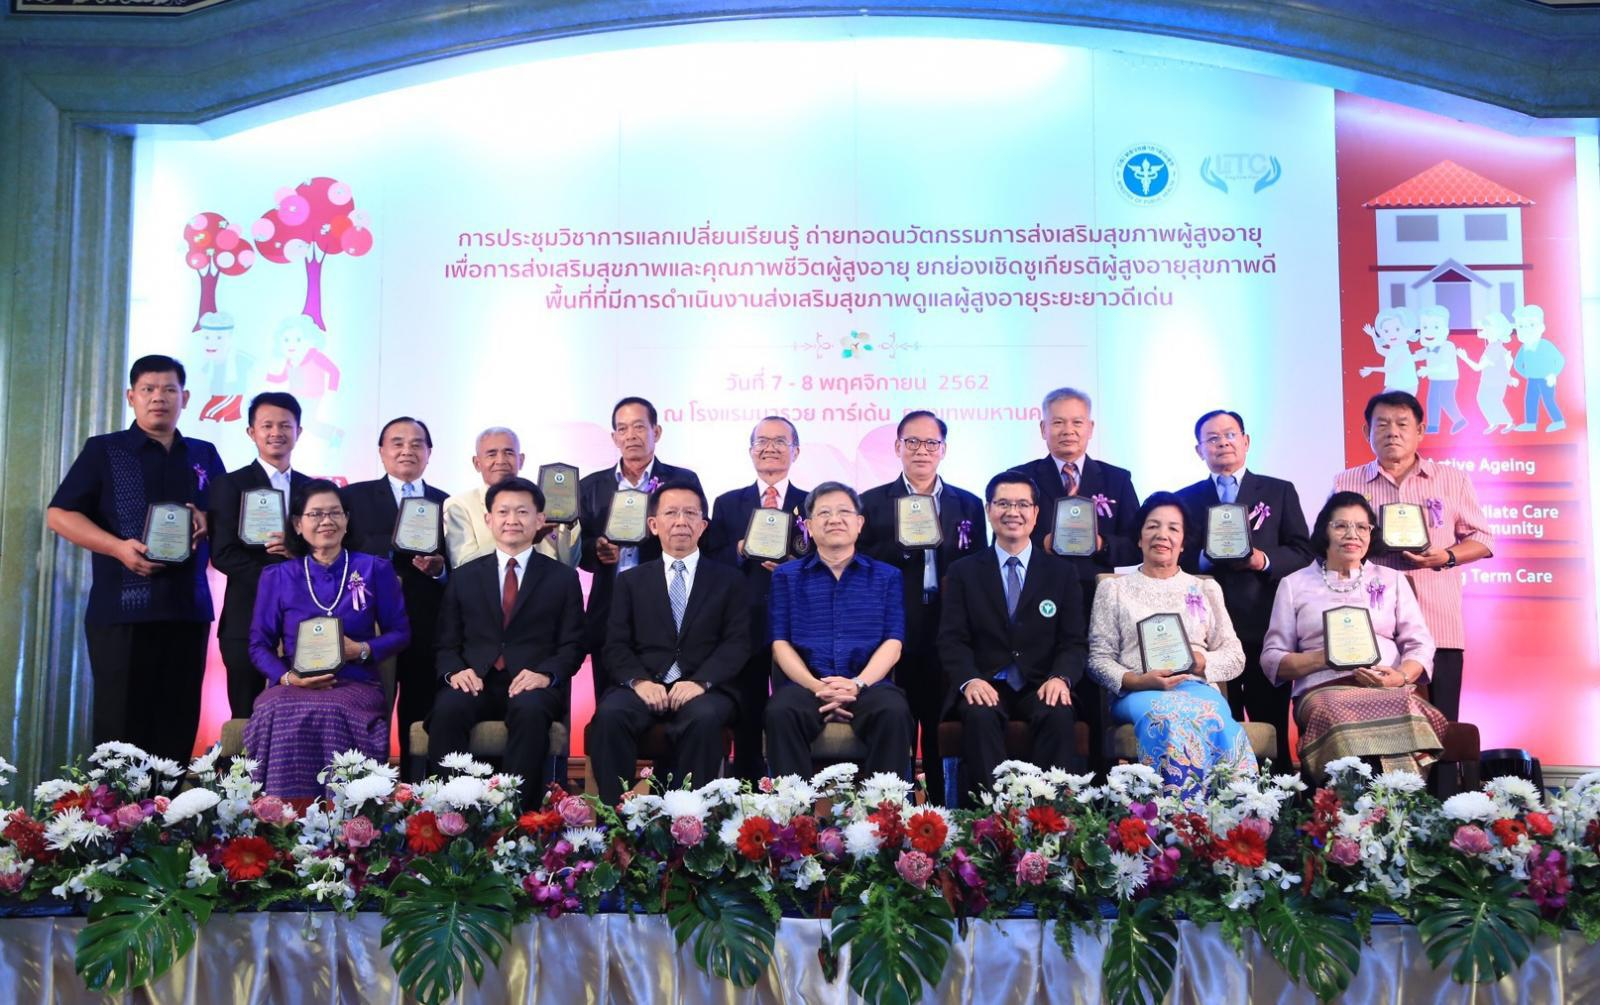 องค์การอนามัยโลกเผยอายุคาดเฉลี่ยคนไทย สูงกว่าค่าเฉลี่ยทั่วโลก!!